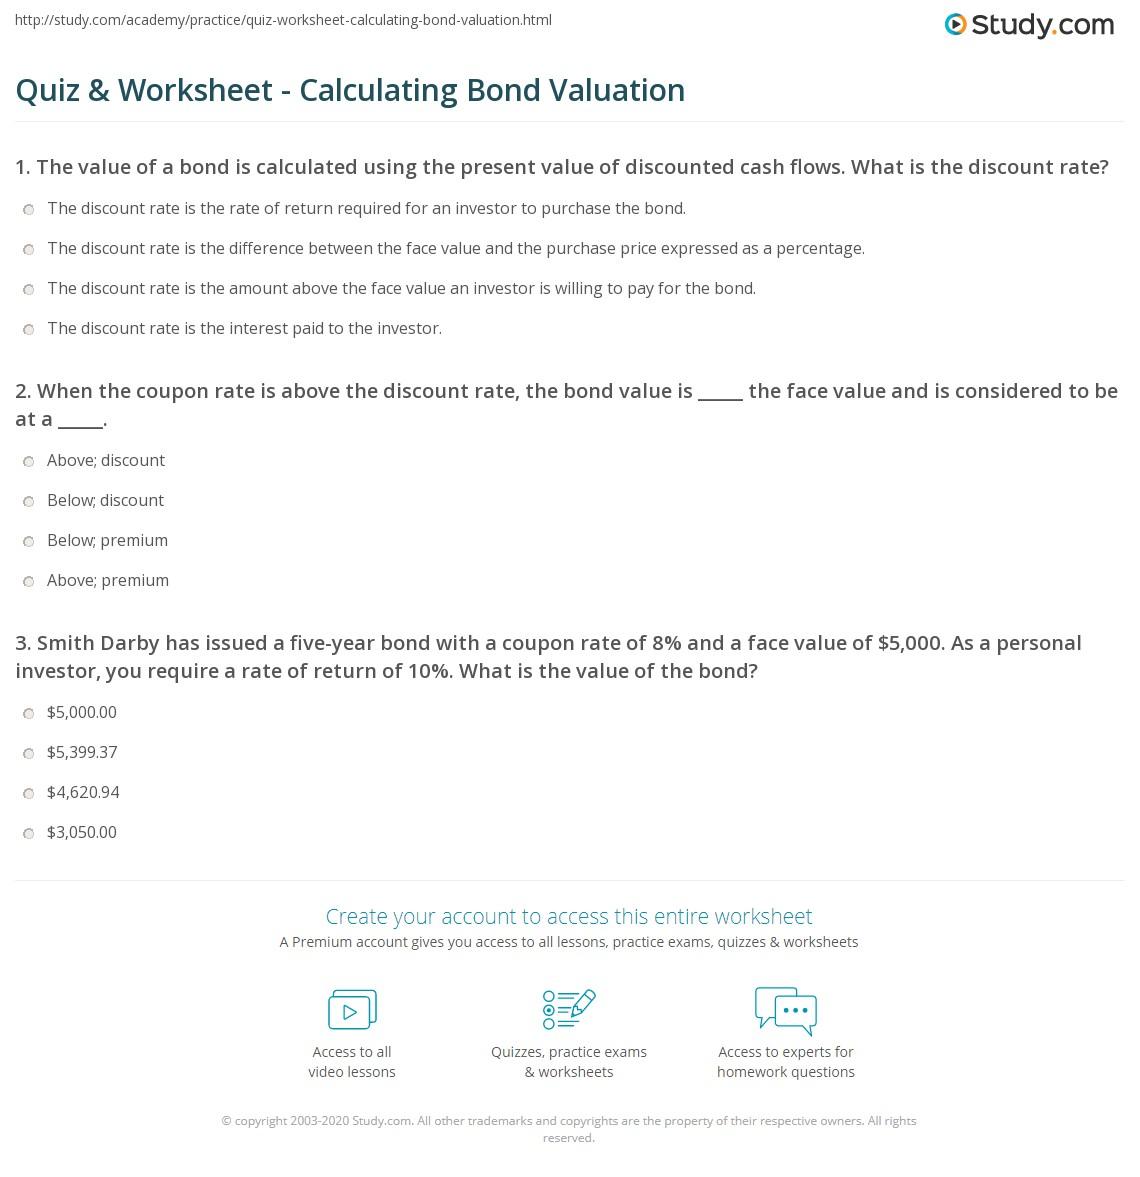 print bond valuation formula steps examples worksheet